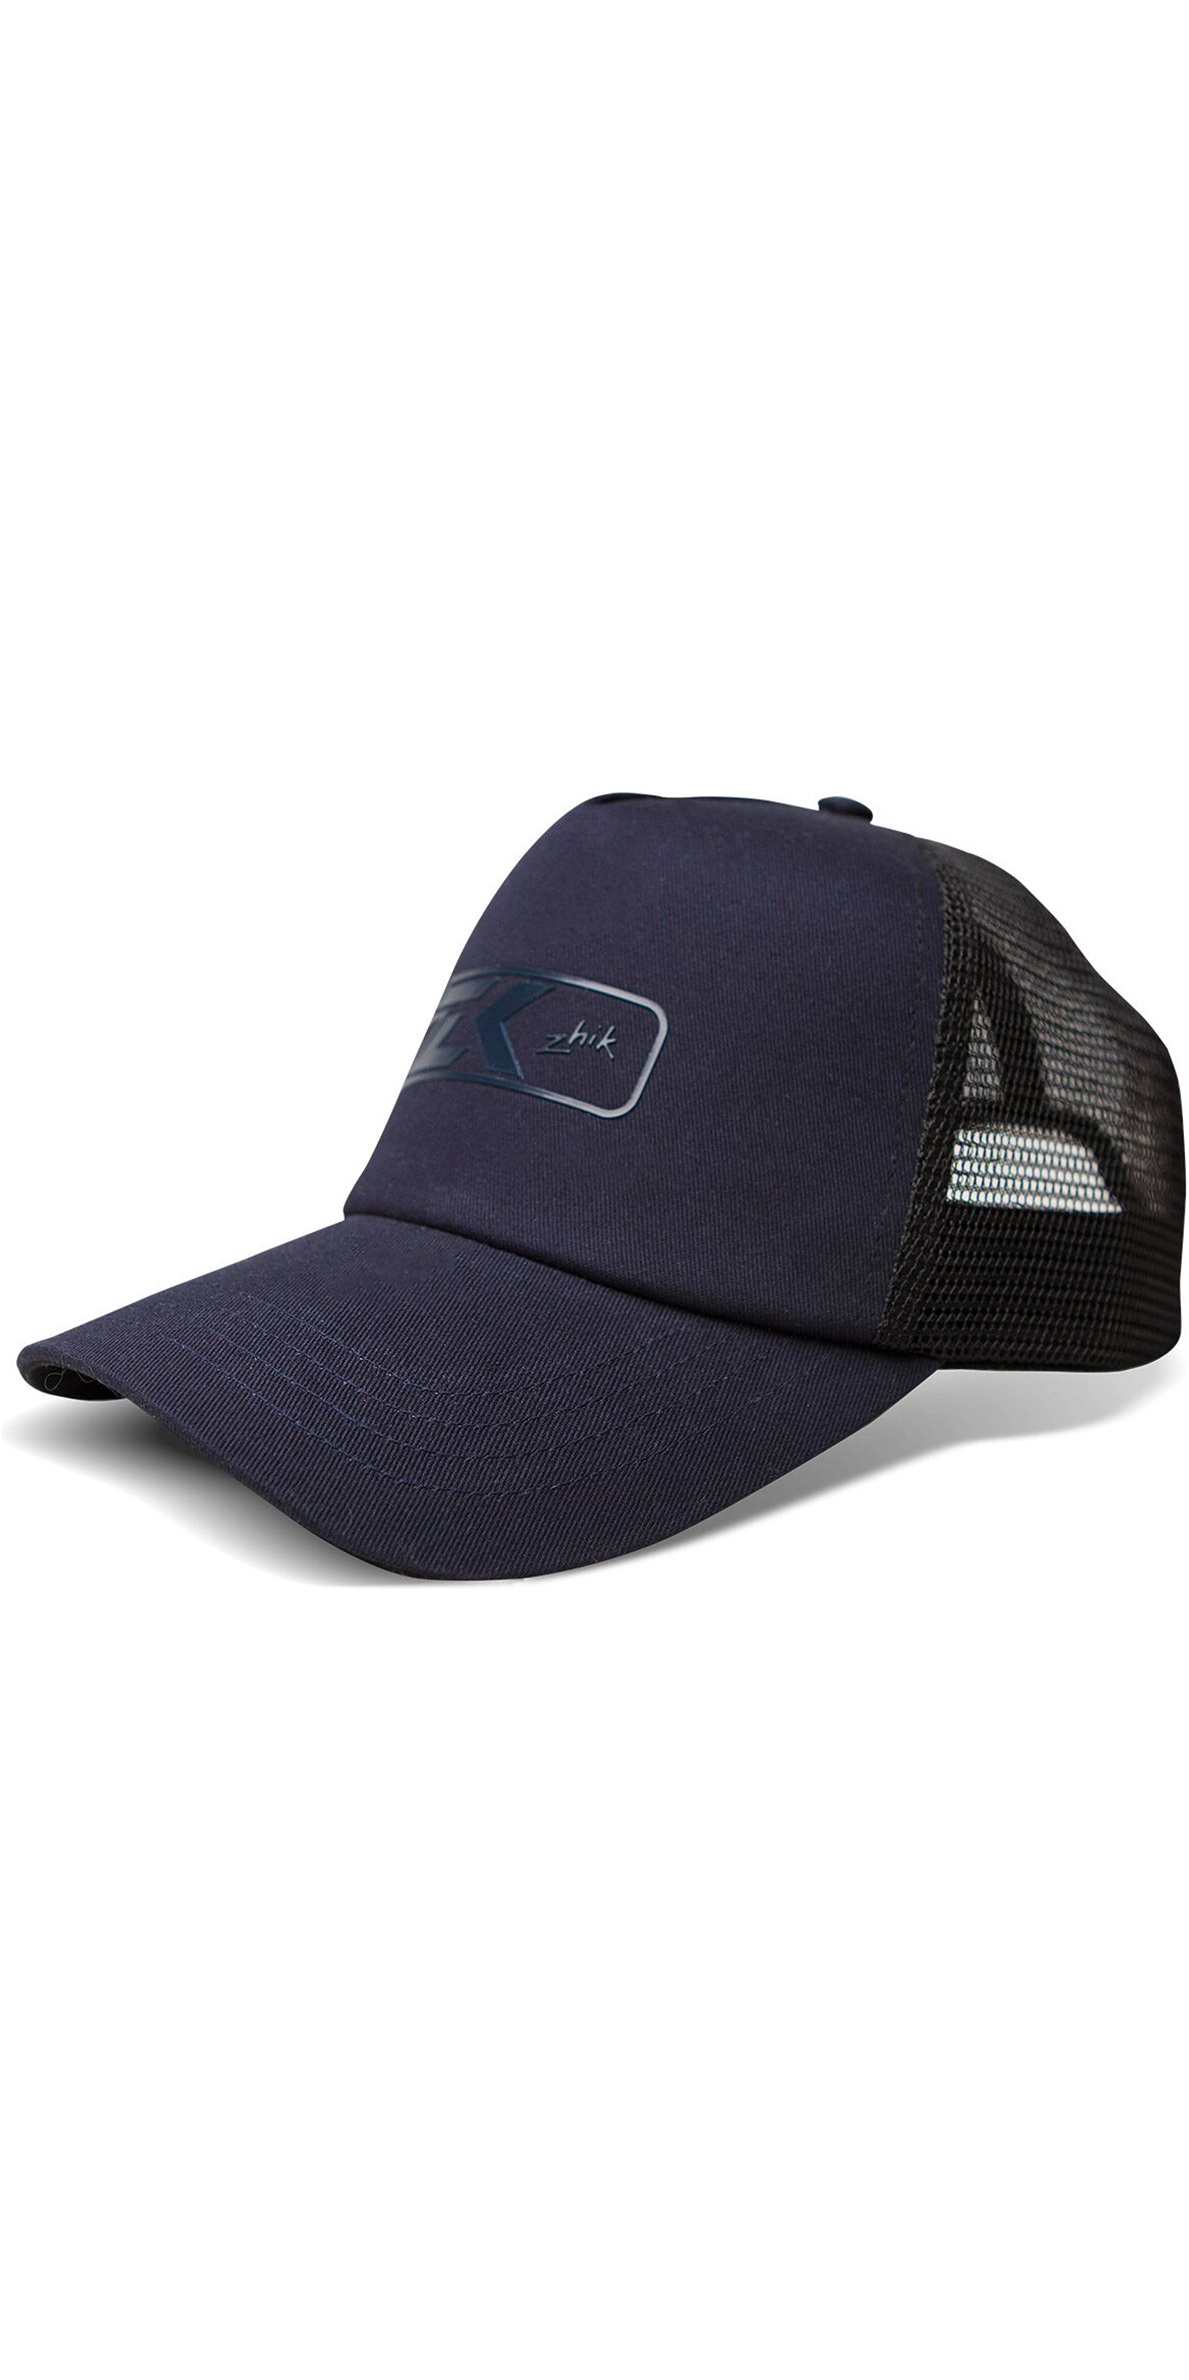 2020 Zhik Trucker Cap Navy Hat0305